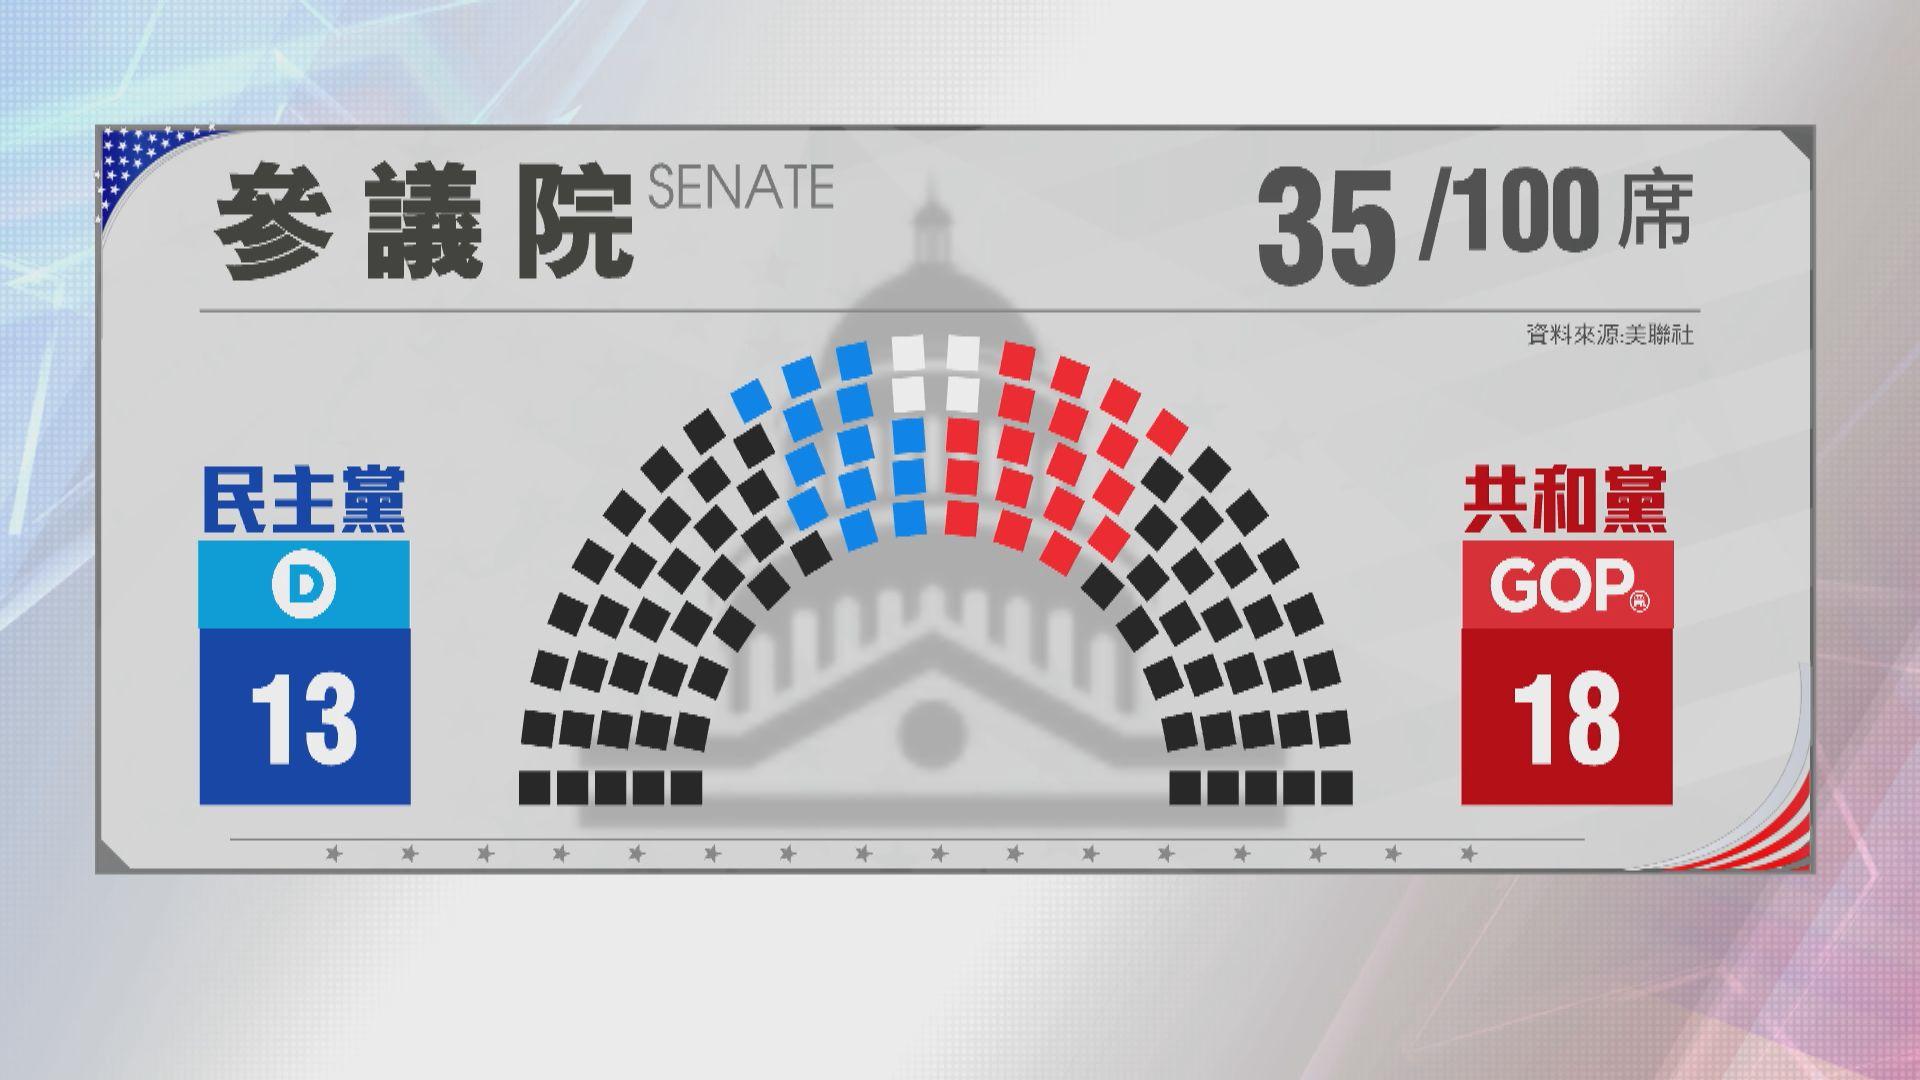 共和黨有望保住參議院控制權